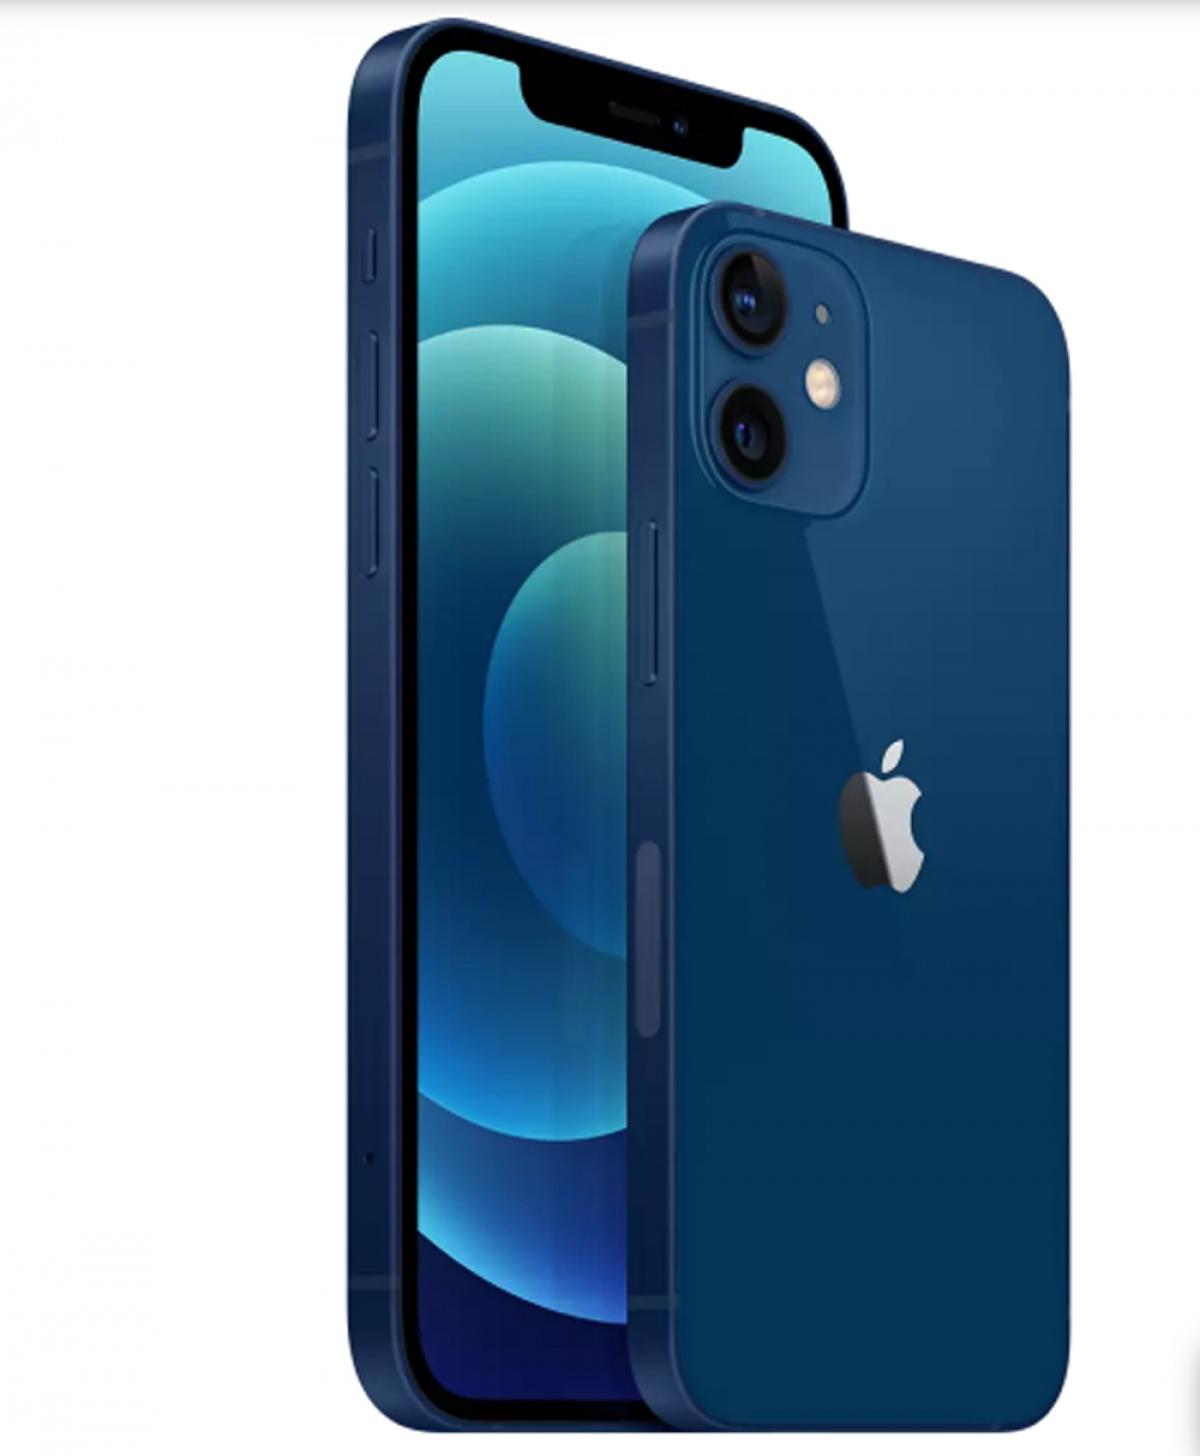 Khi mua iPhone 12, iPhone 12 Mini, iPhone 12 Pro hay iPhone 12 Pro Max vào dịp Black Friday, khách hàng sẽ được tặng kèm bộ tai nghe không dây AirPods Pro trị giá 249 USD.